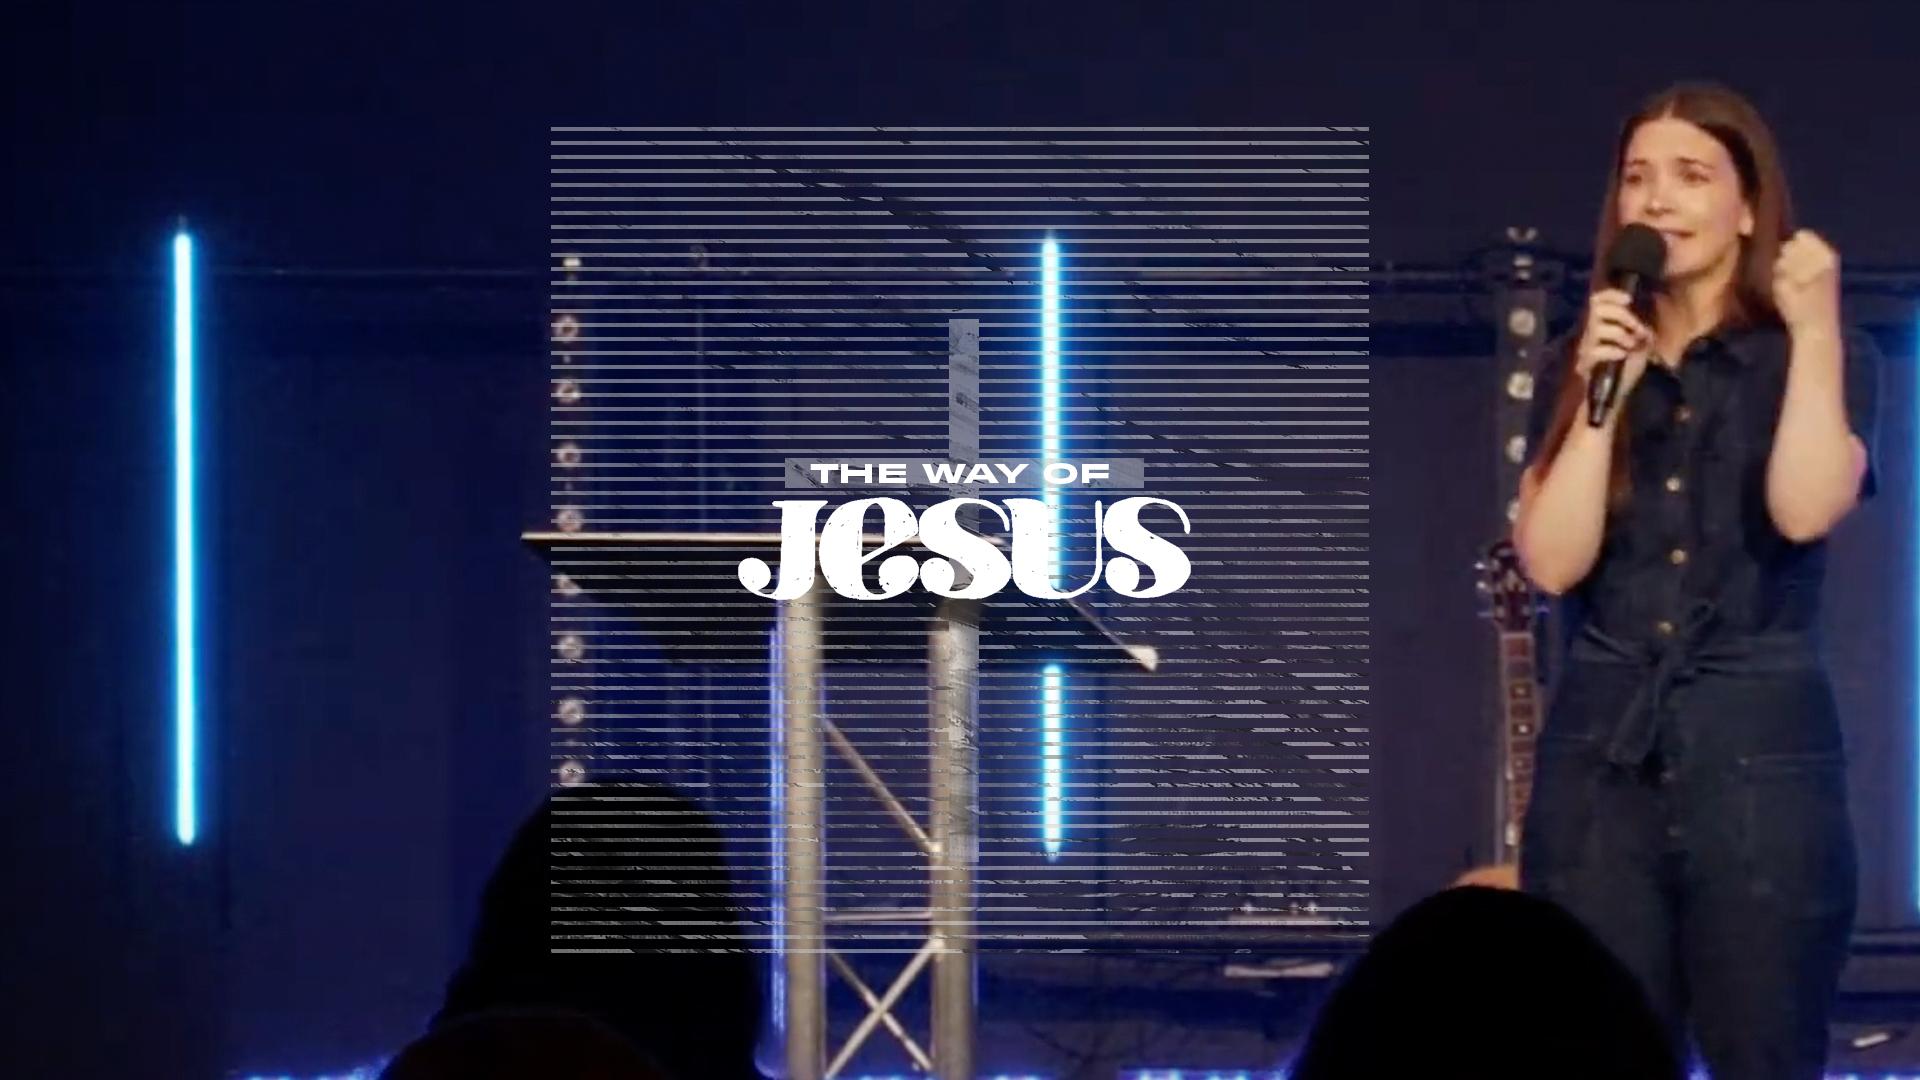 The Way of Jesus - Week 9 - Denise Hoffbrand